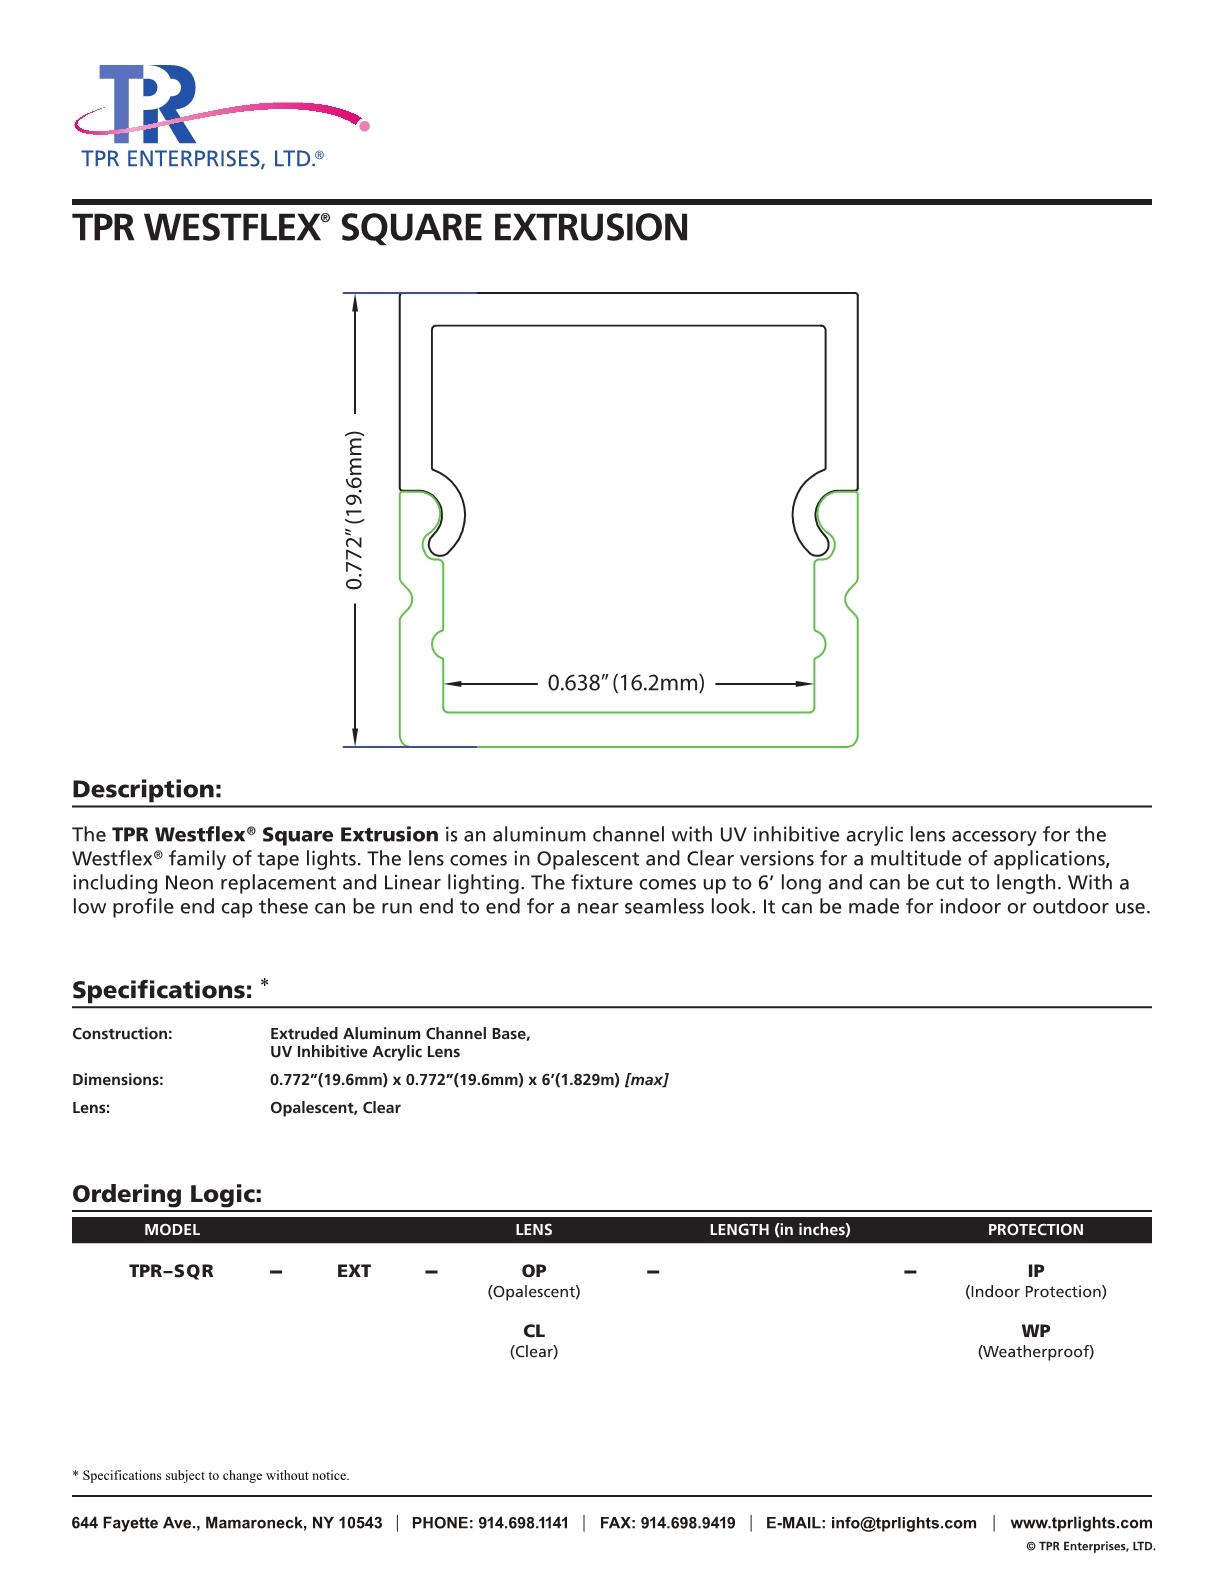 TPR_WestflexSqExtrusion_CutSheet_7.17_Trim_new1